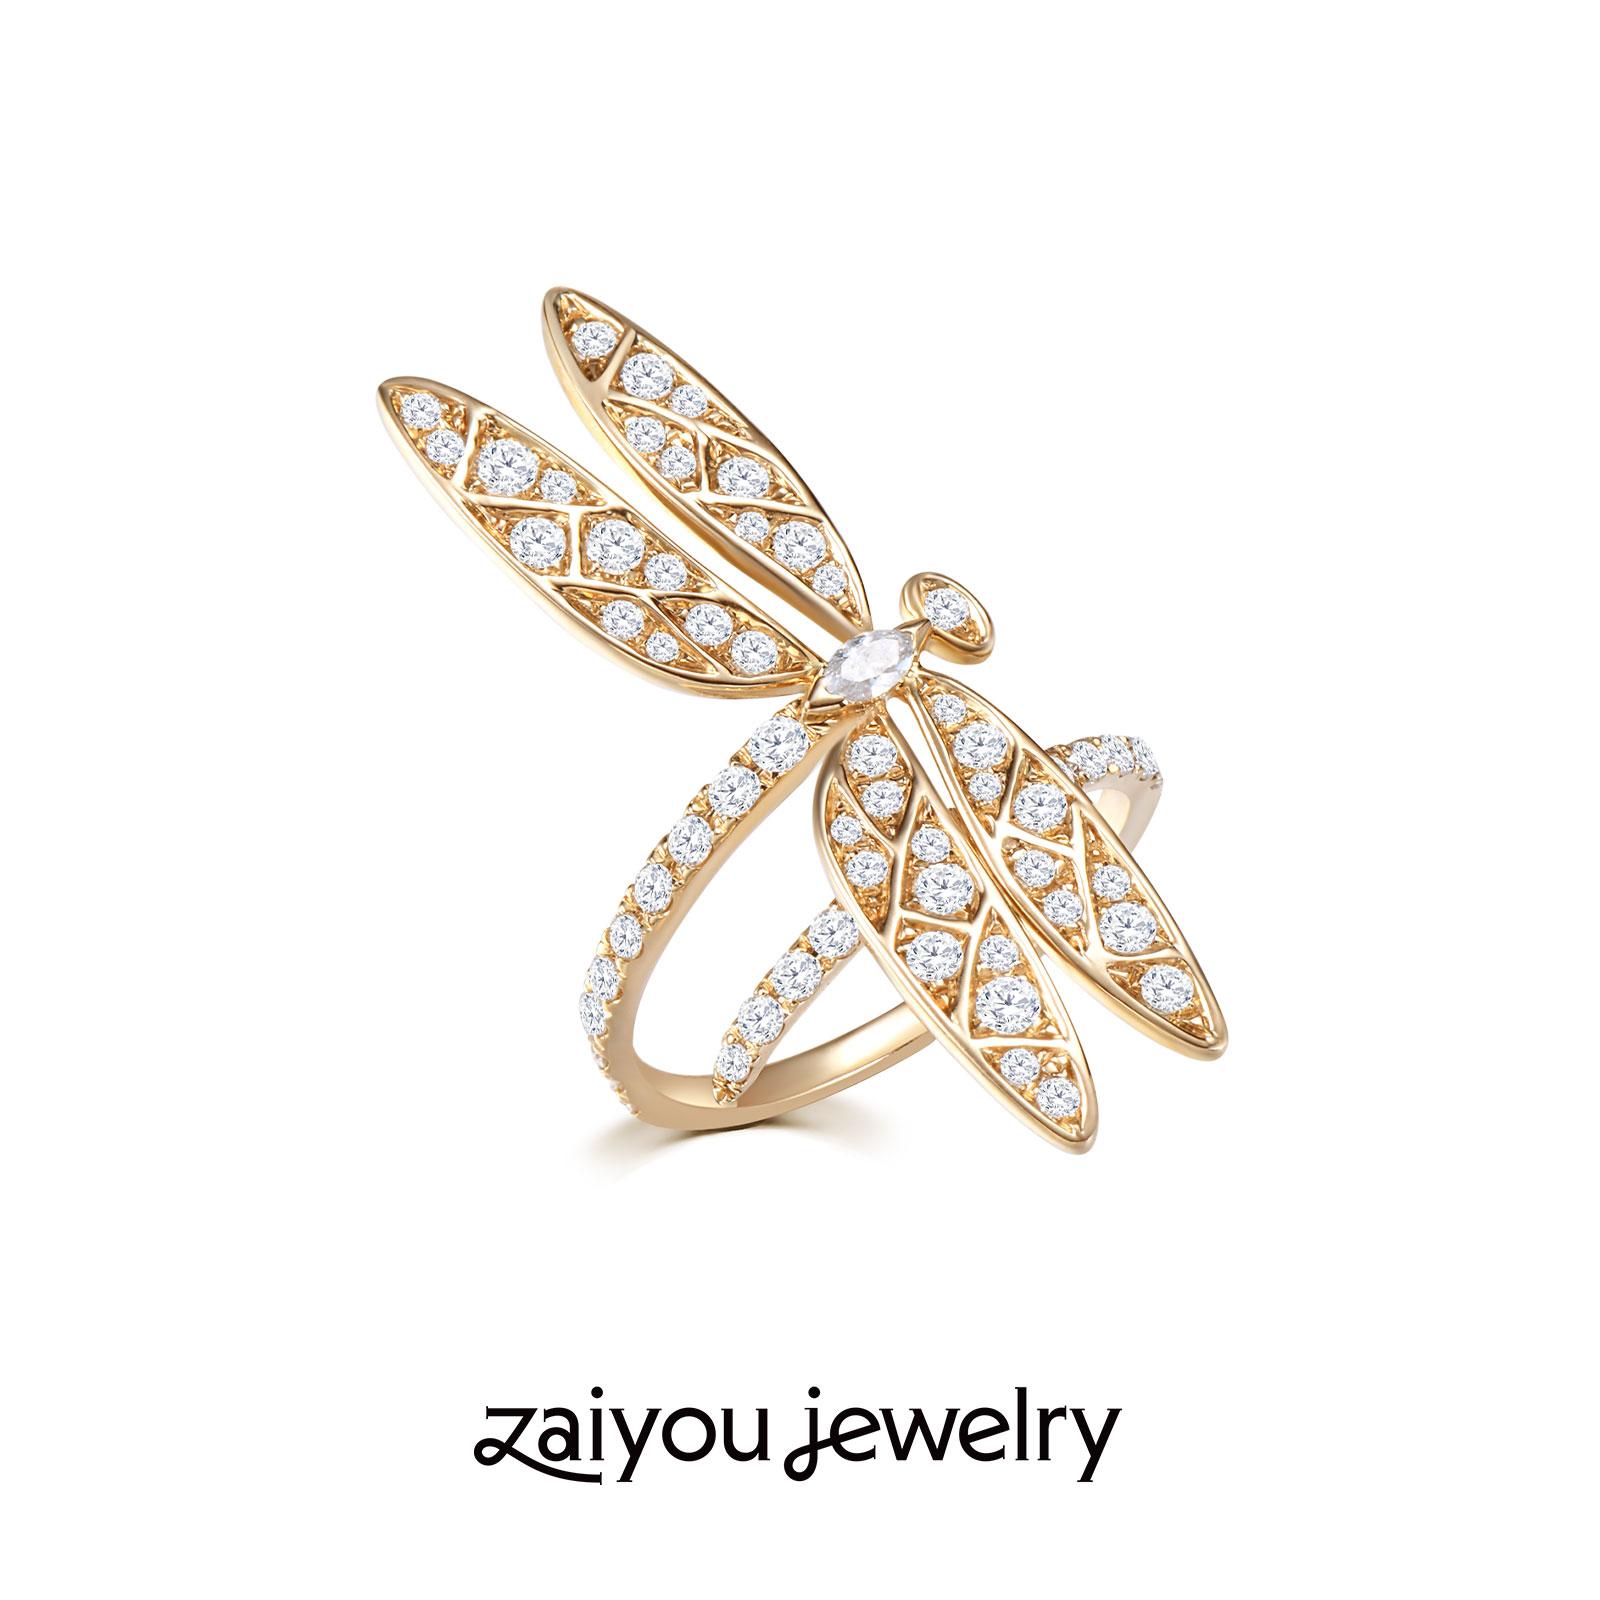 【万物生长】其乐在宥设计师系列之K金艺术创意人造钻石珠宝戒指